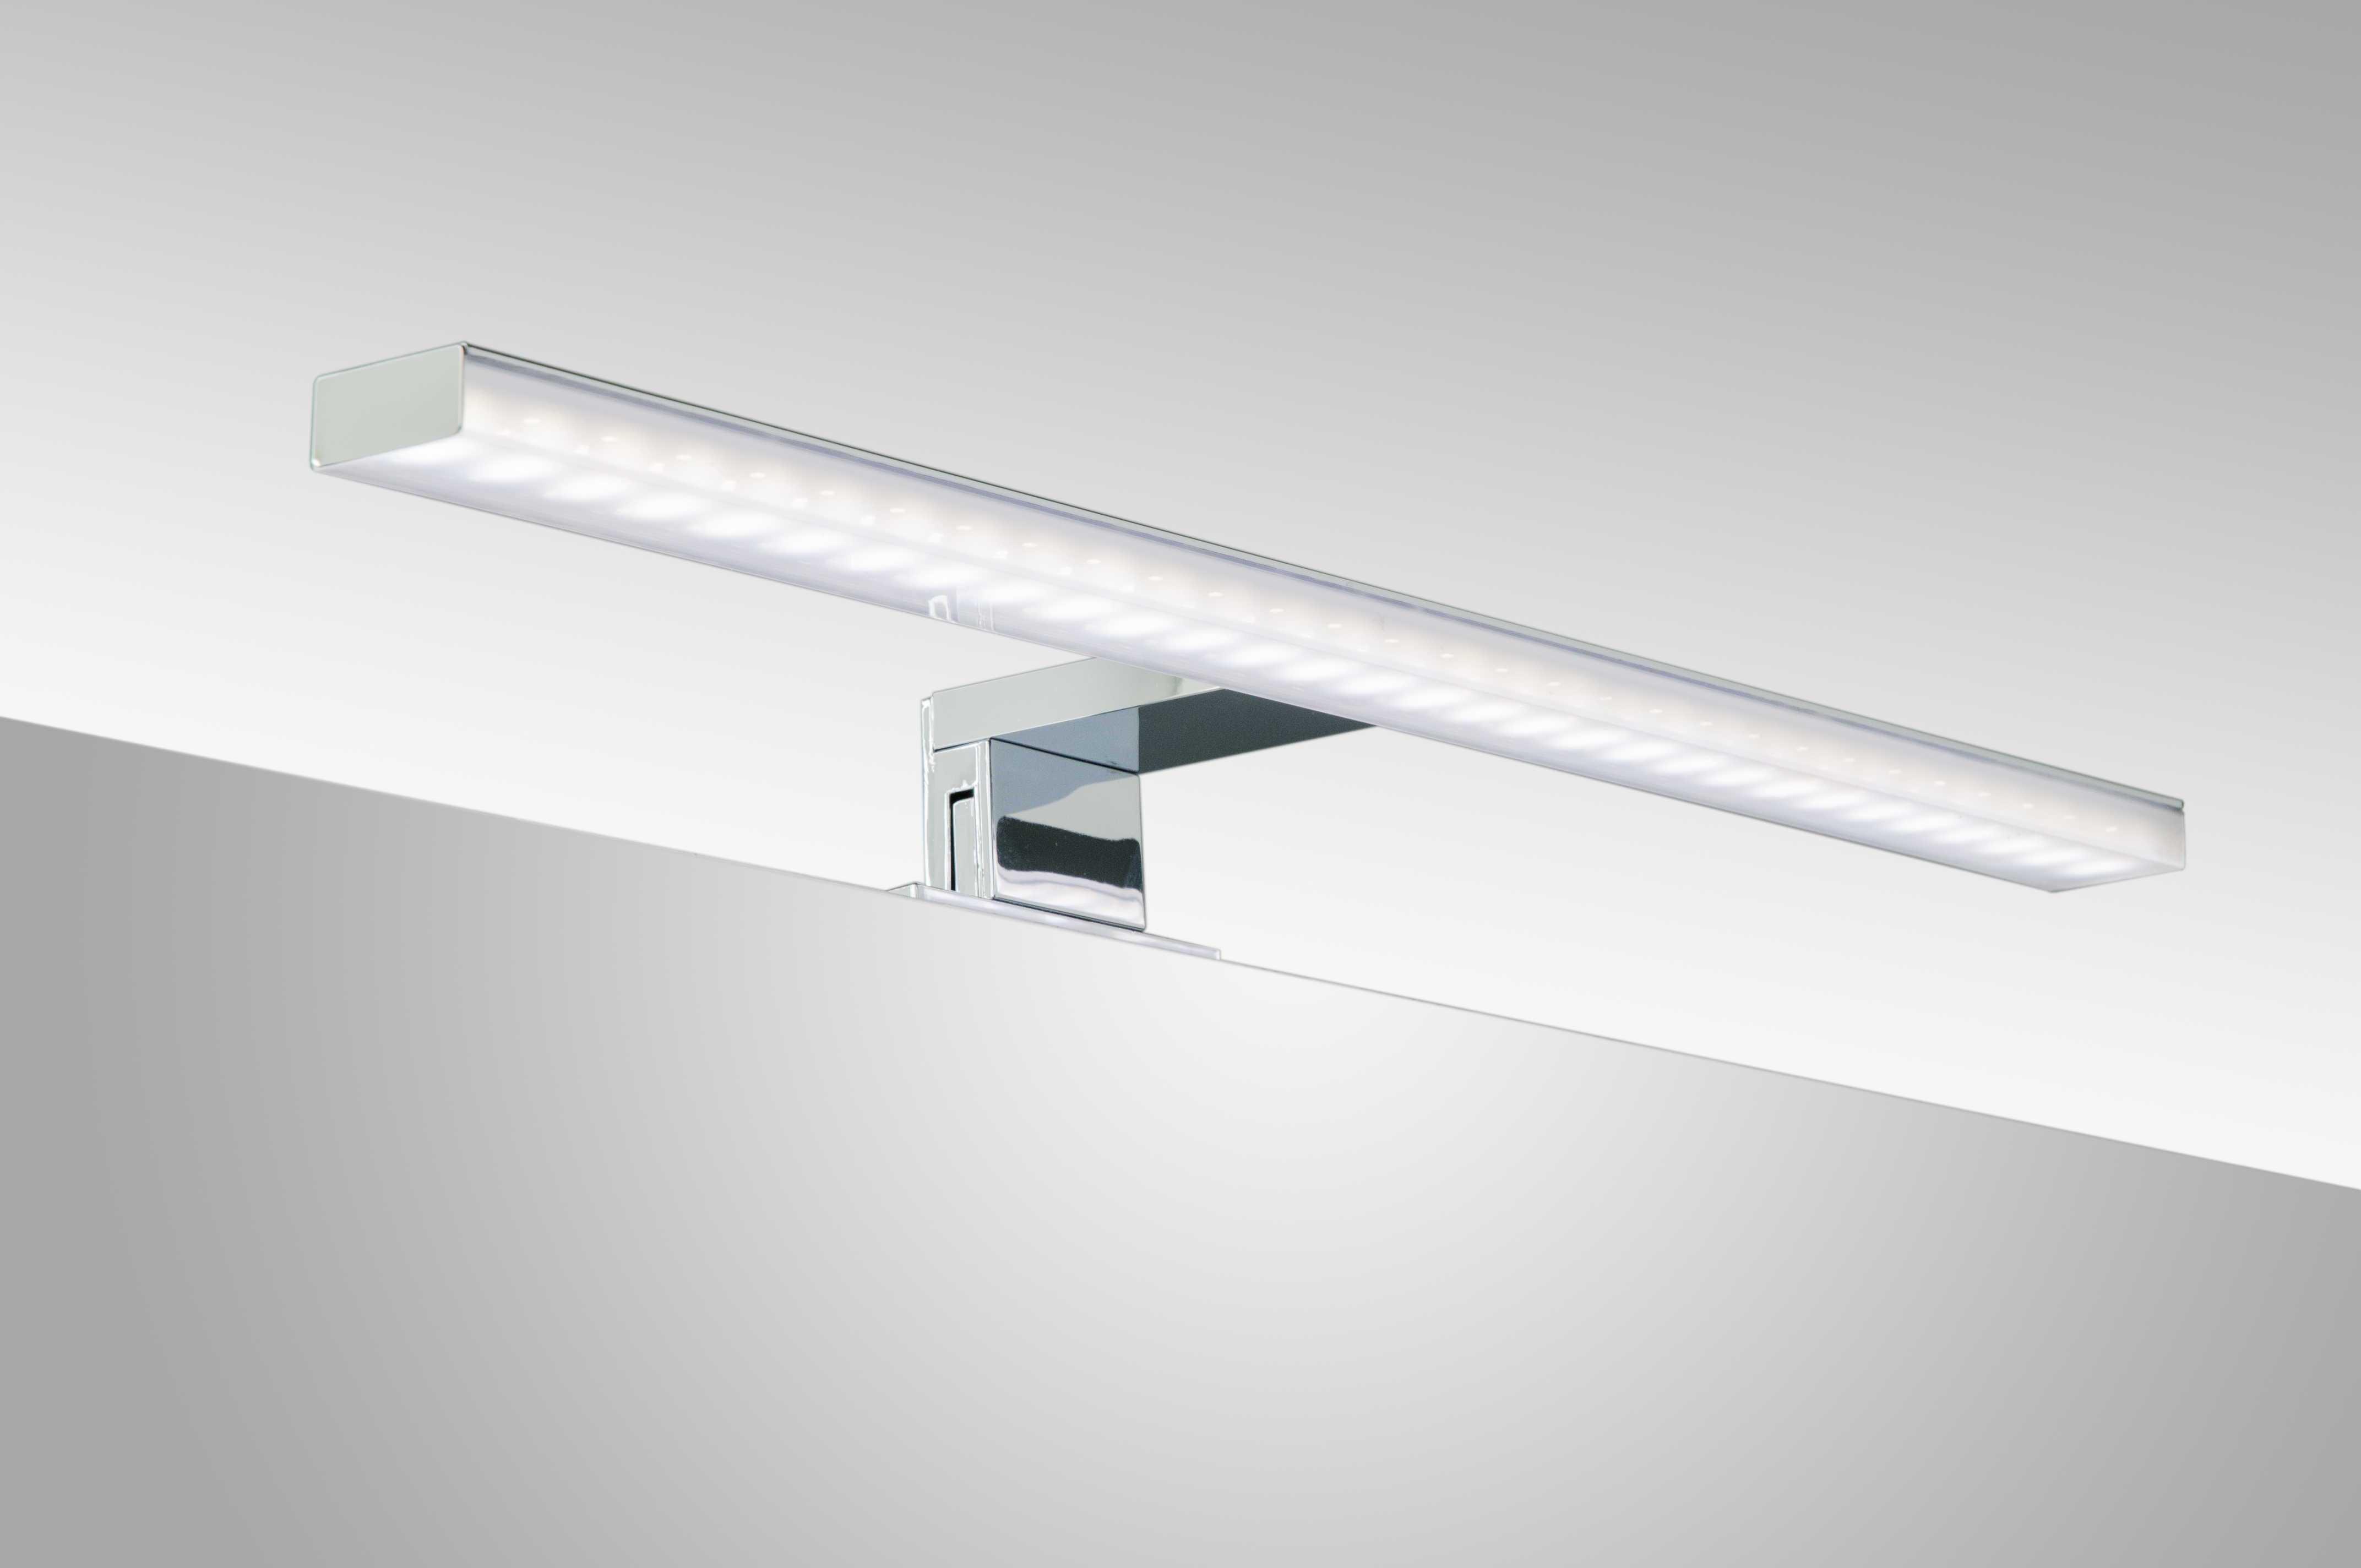 Specchio bagno 120x70 cm specchiera bagno lampada led for Lampada arredo